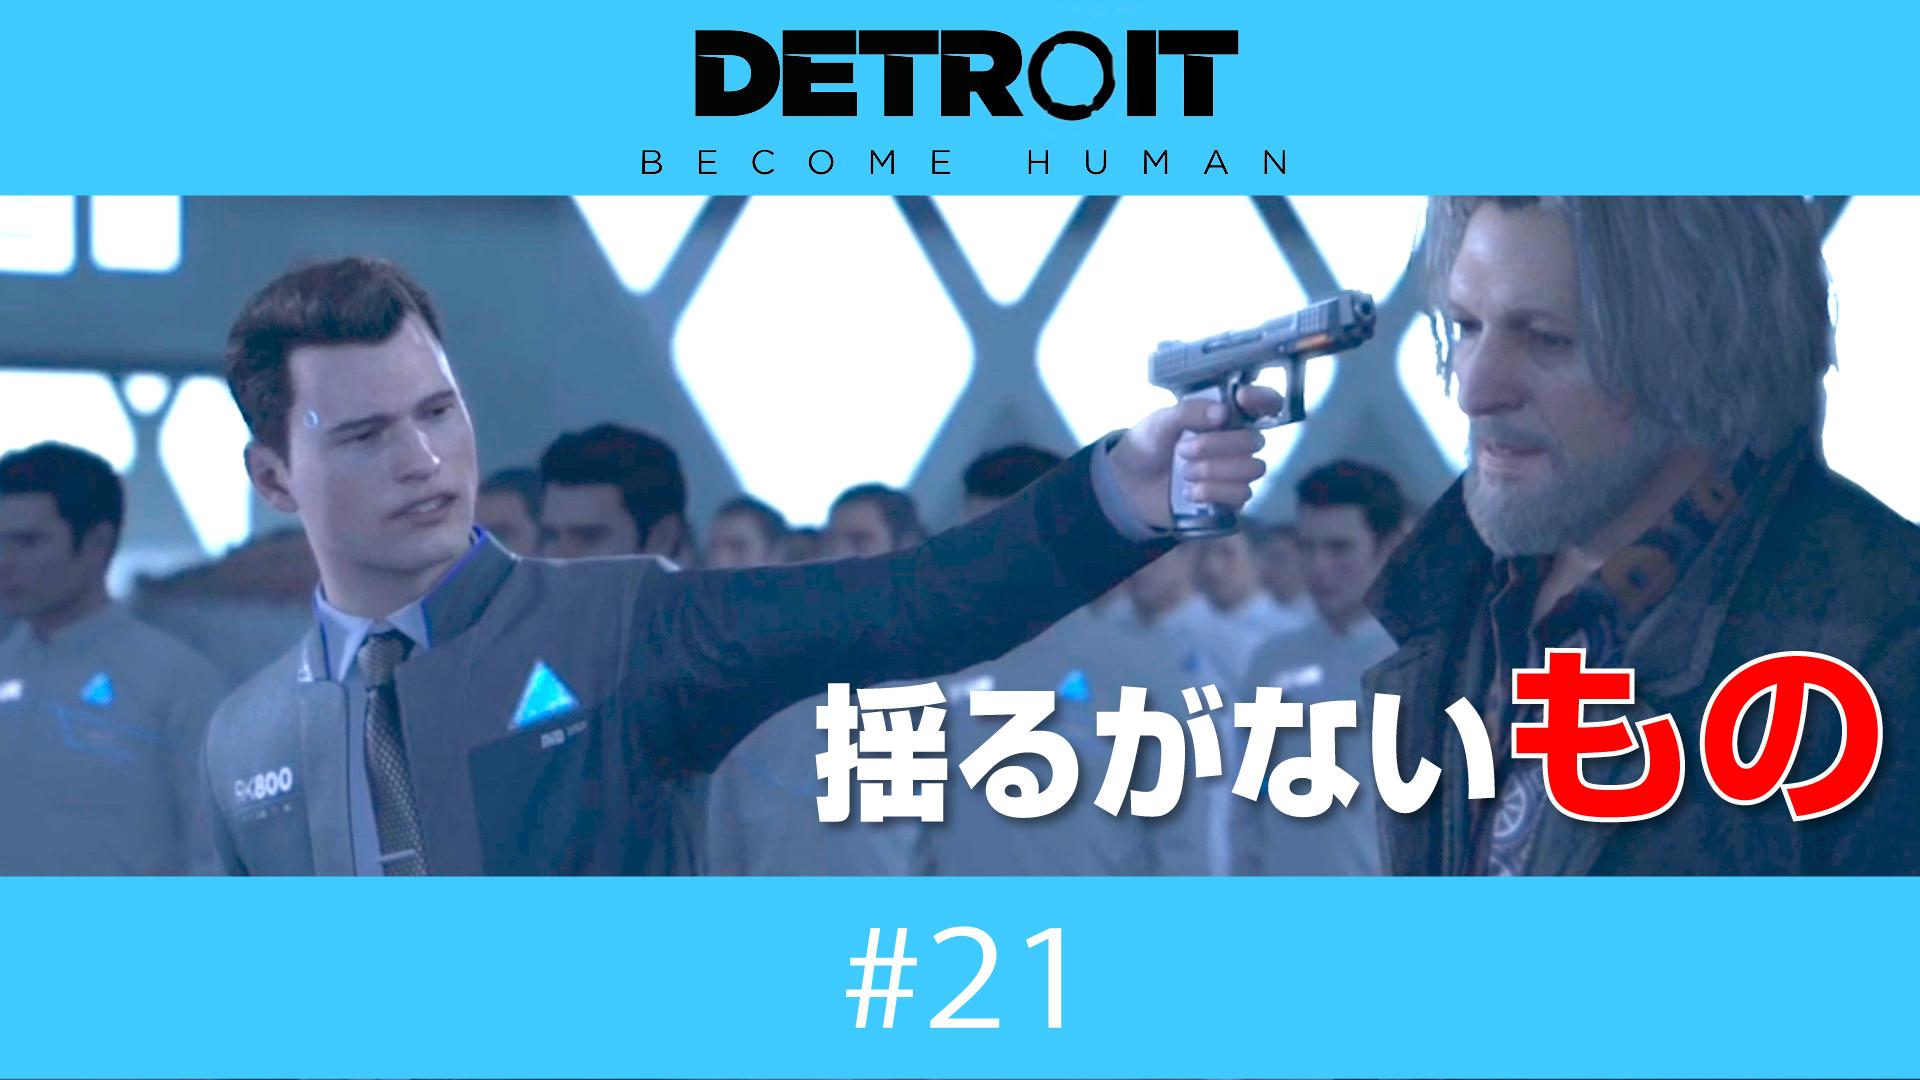 永田カヲル Detroit Become Human 21 揺るがないもの T Co 5penyhw2ex Youtubeより Detroitbecomehuman Dbh デトロイトビカムヒューマン